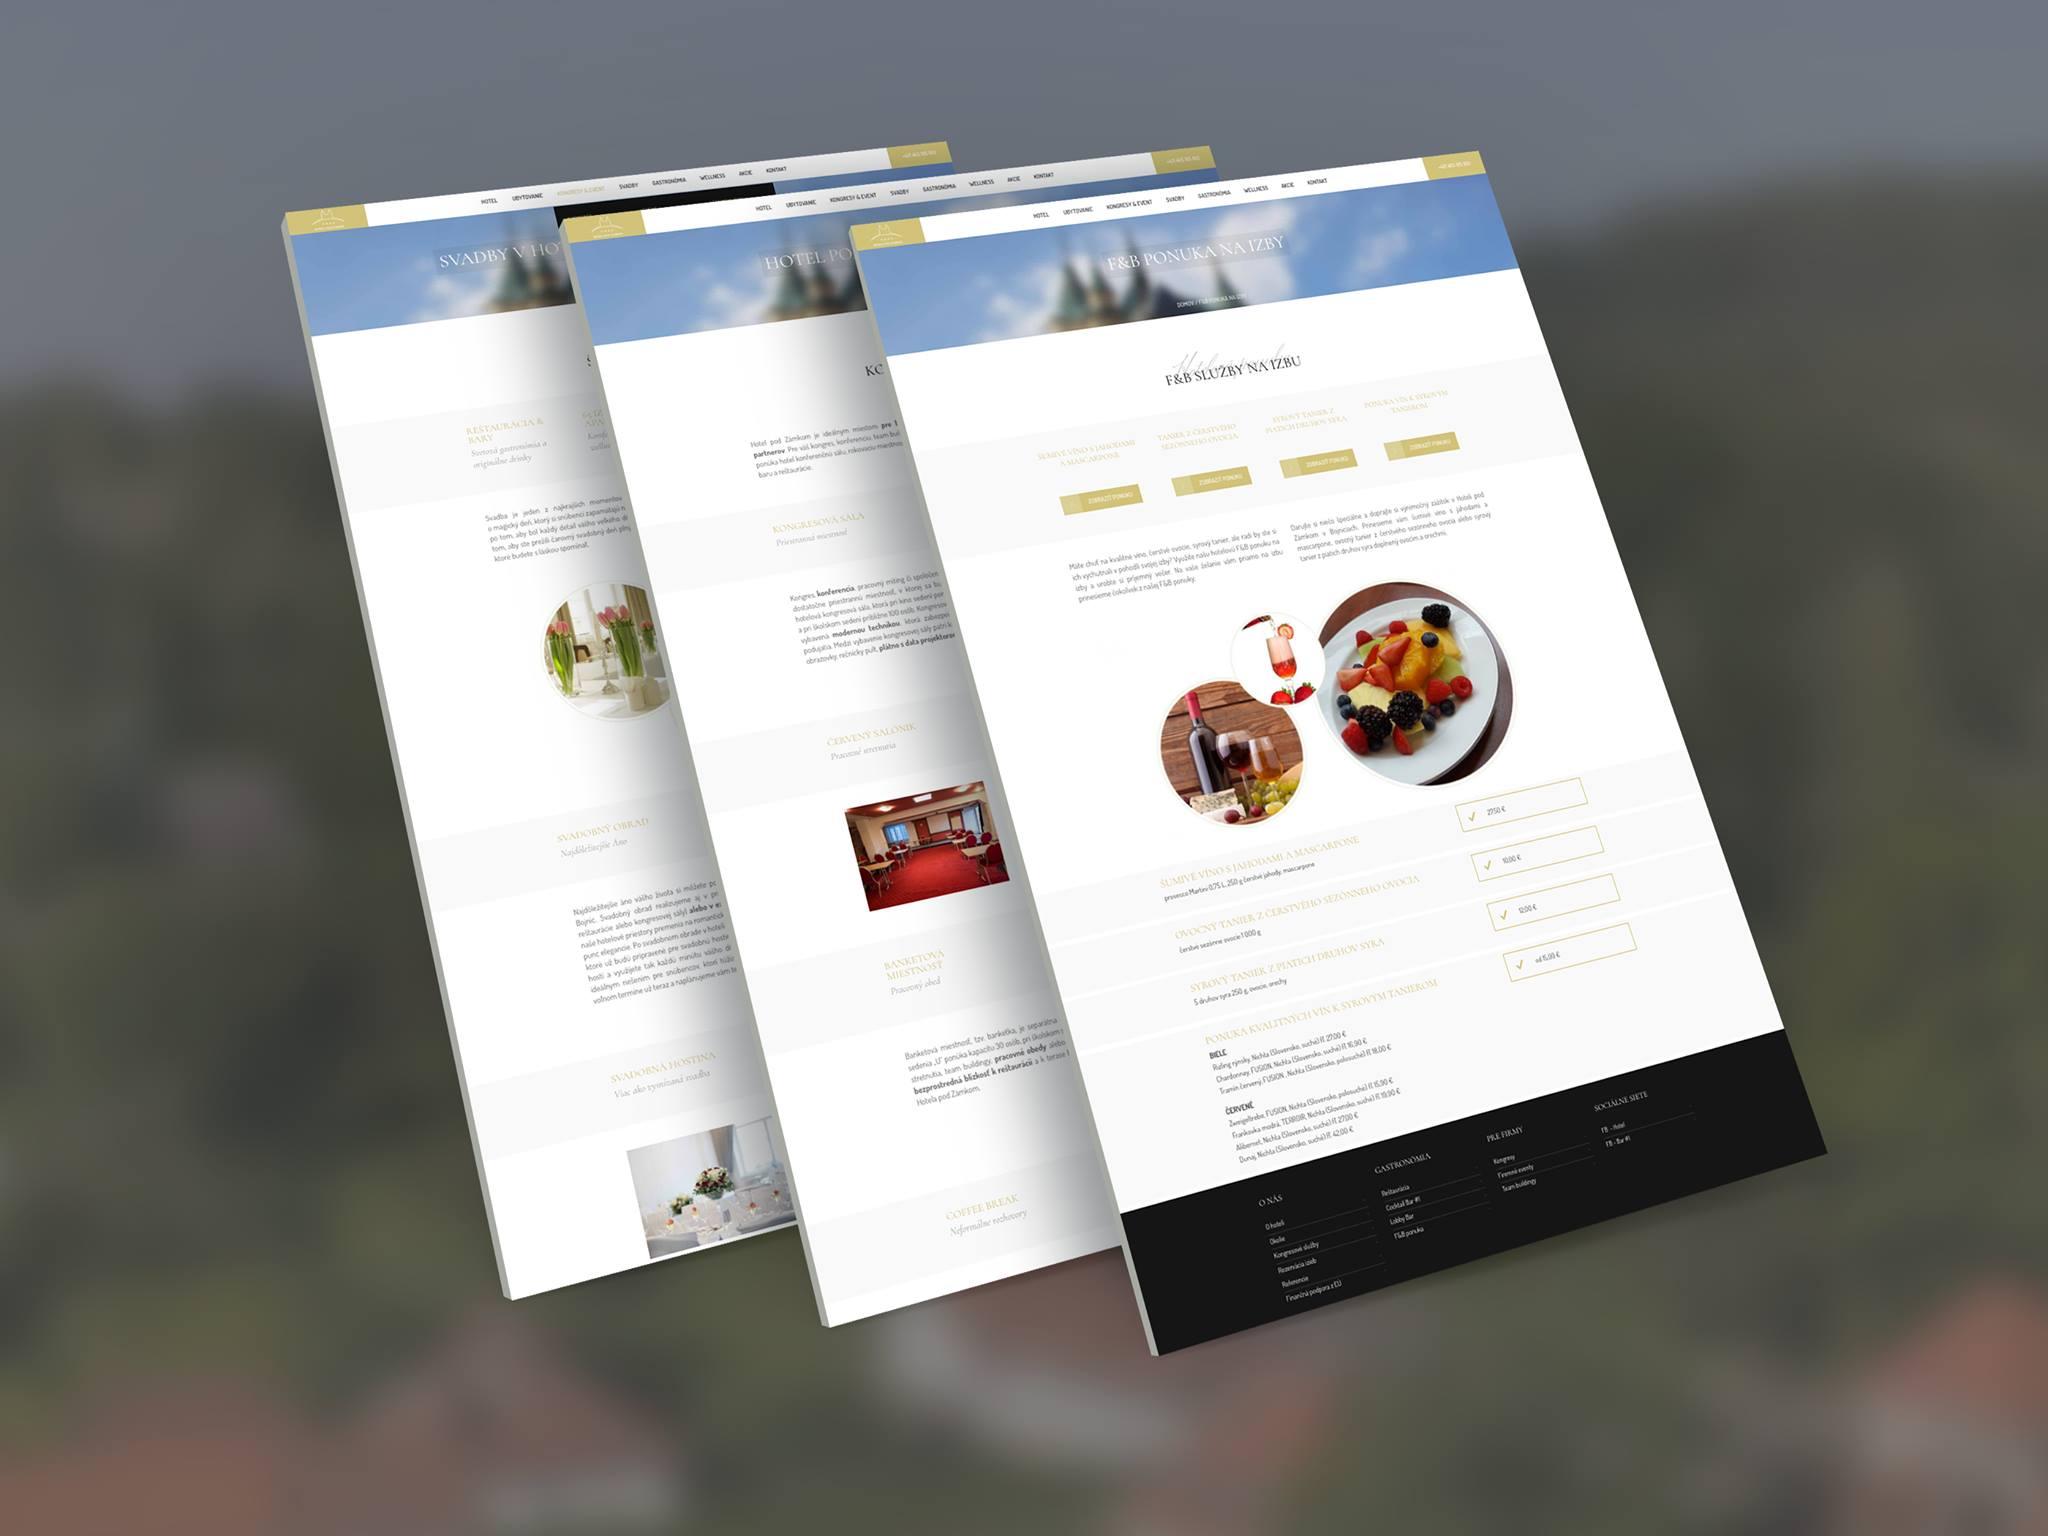 SEO - Aj obrázky na webe je potrebné optimalizovať pre vyhľadávače